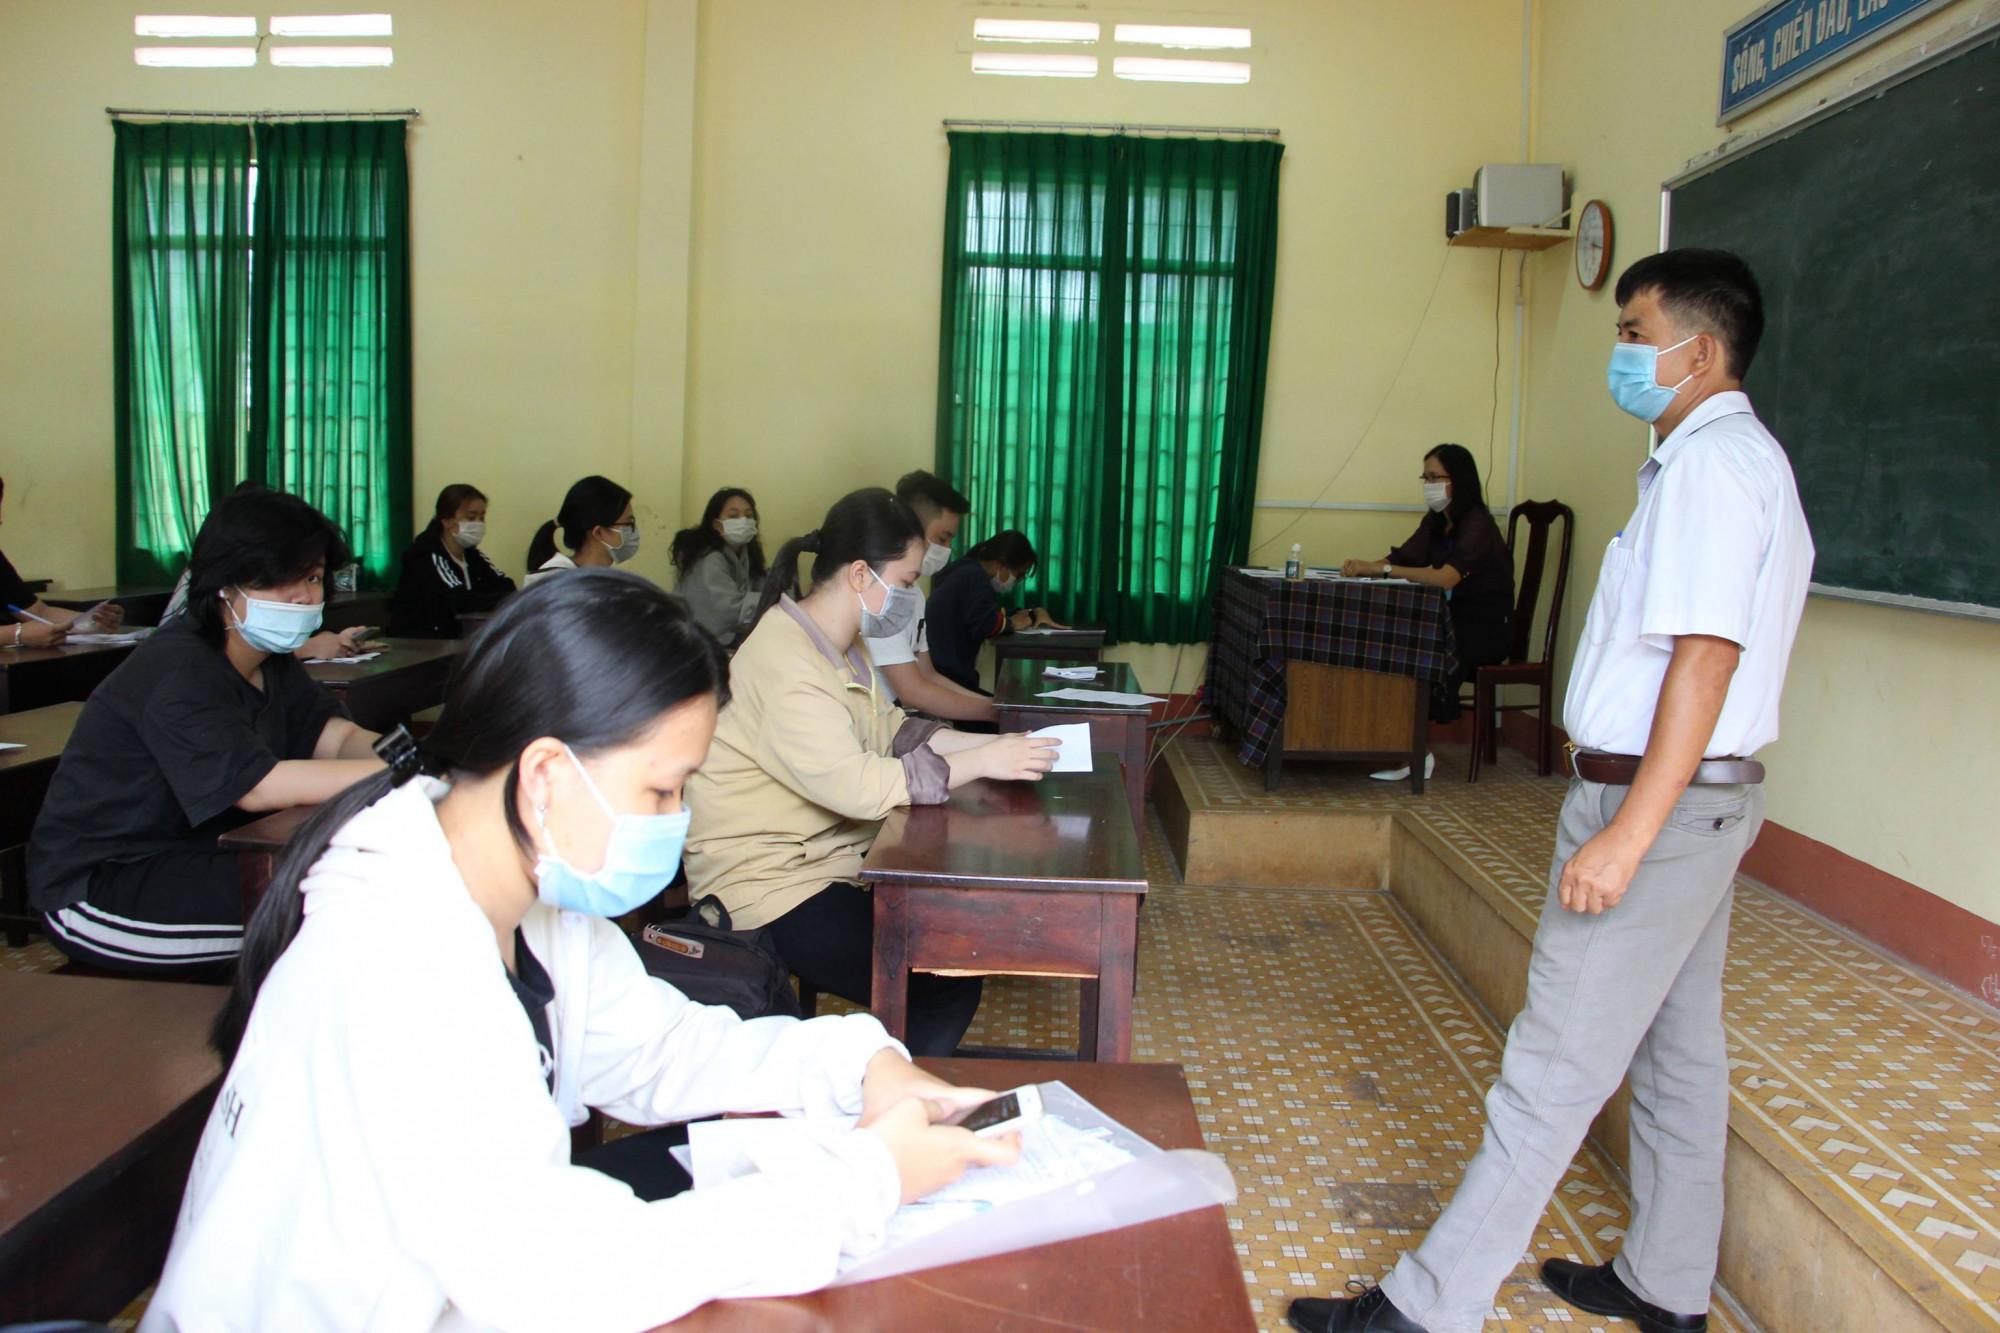 Tỉnh Đắk Lắk đề xuất xét đặc cách cho 26 thi sinh thi tốt nghiệp THPT đợt 2